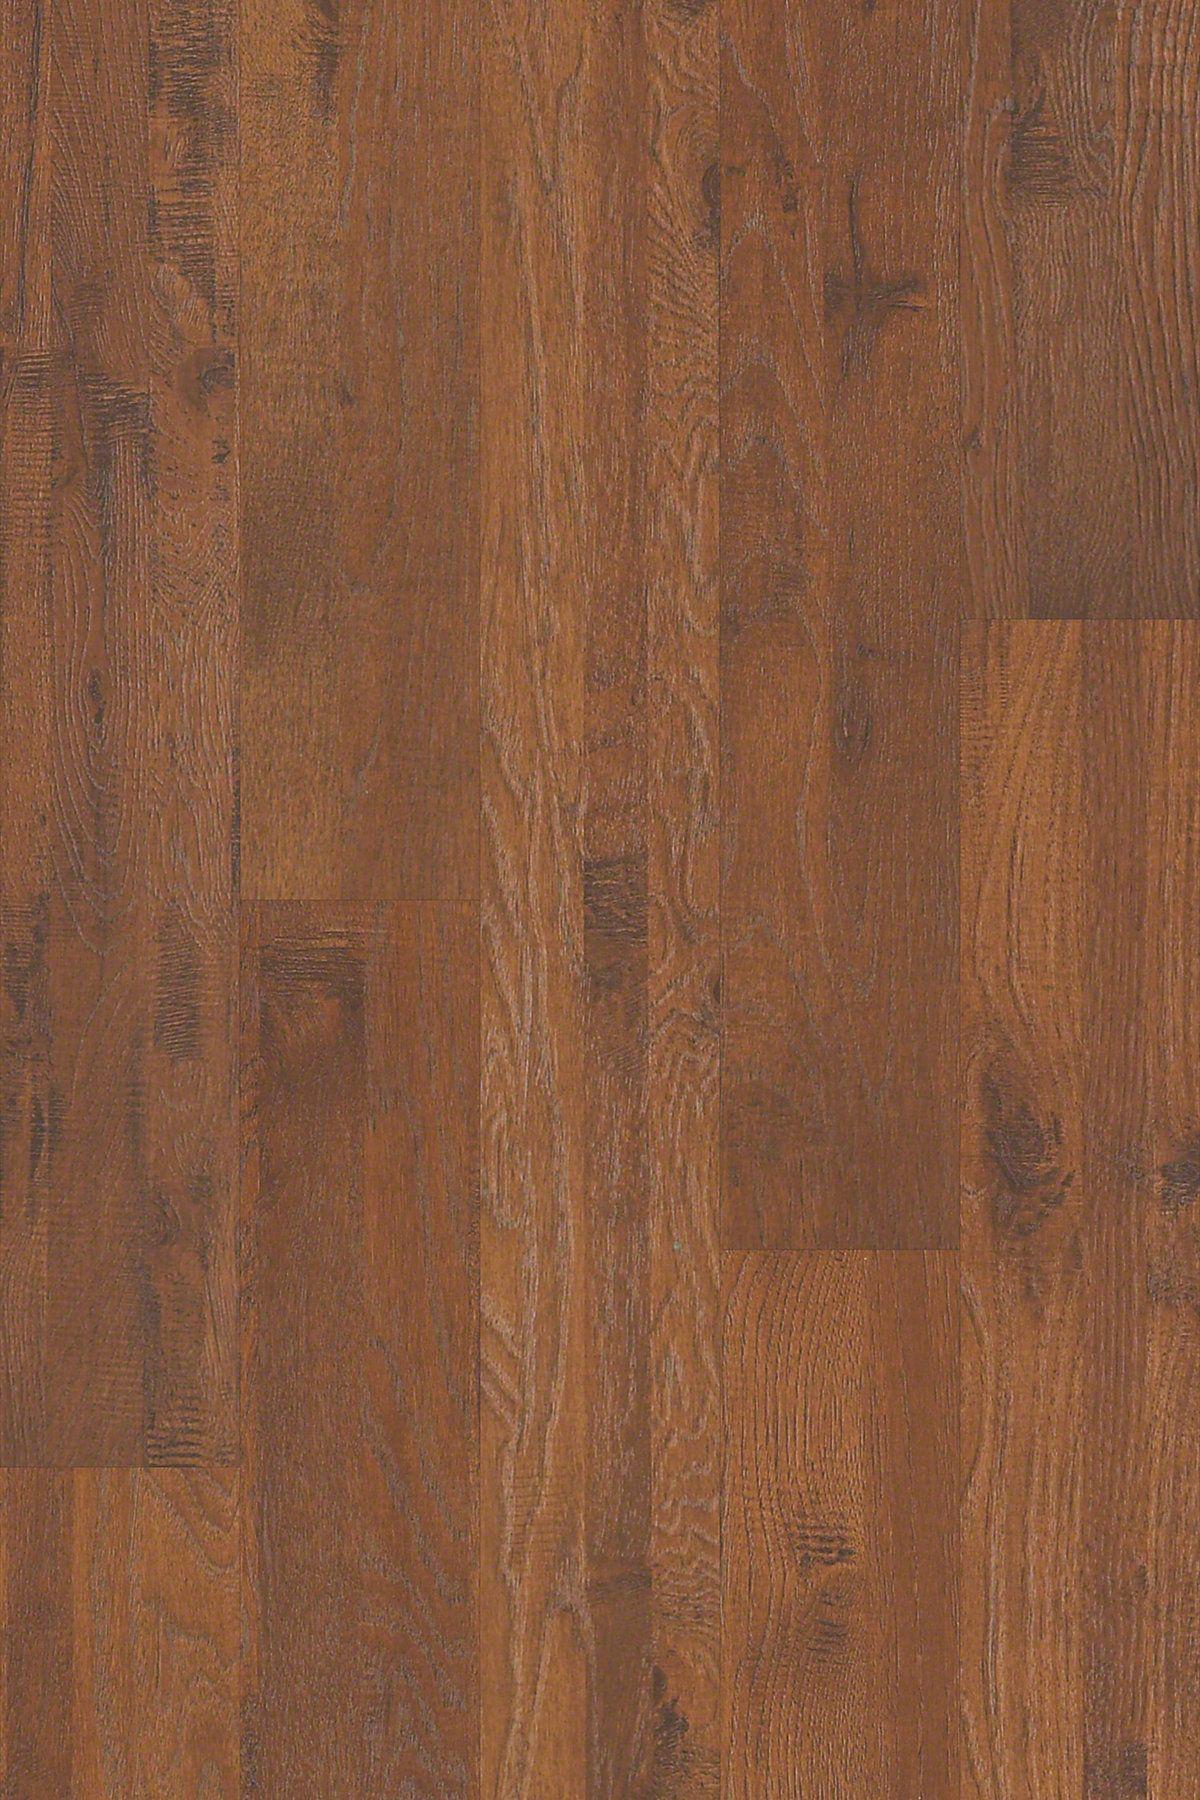 Hickory Tellico Hickory Wood laminate, Flooring